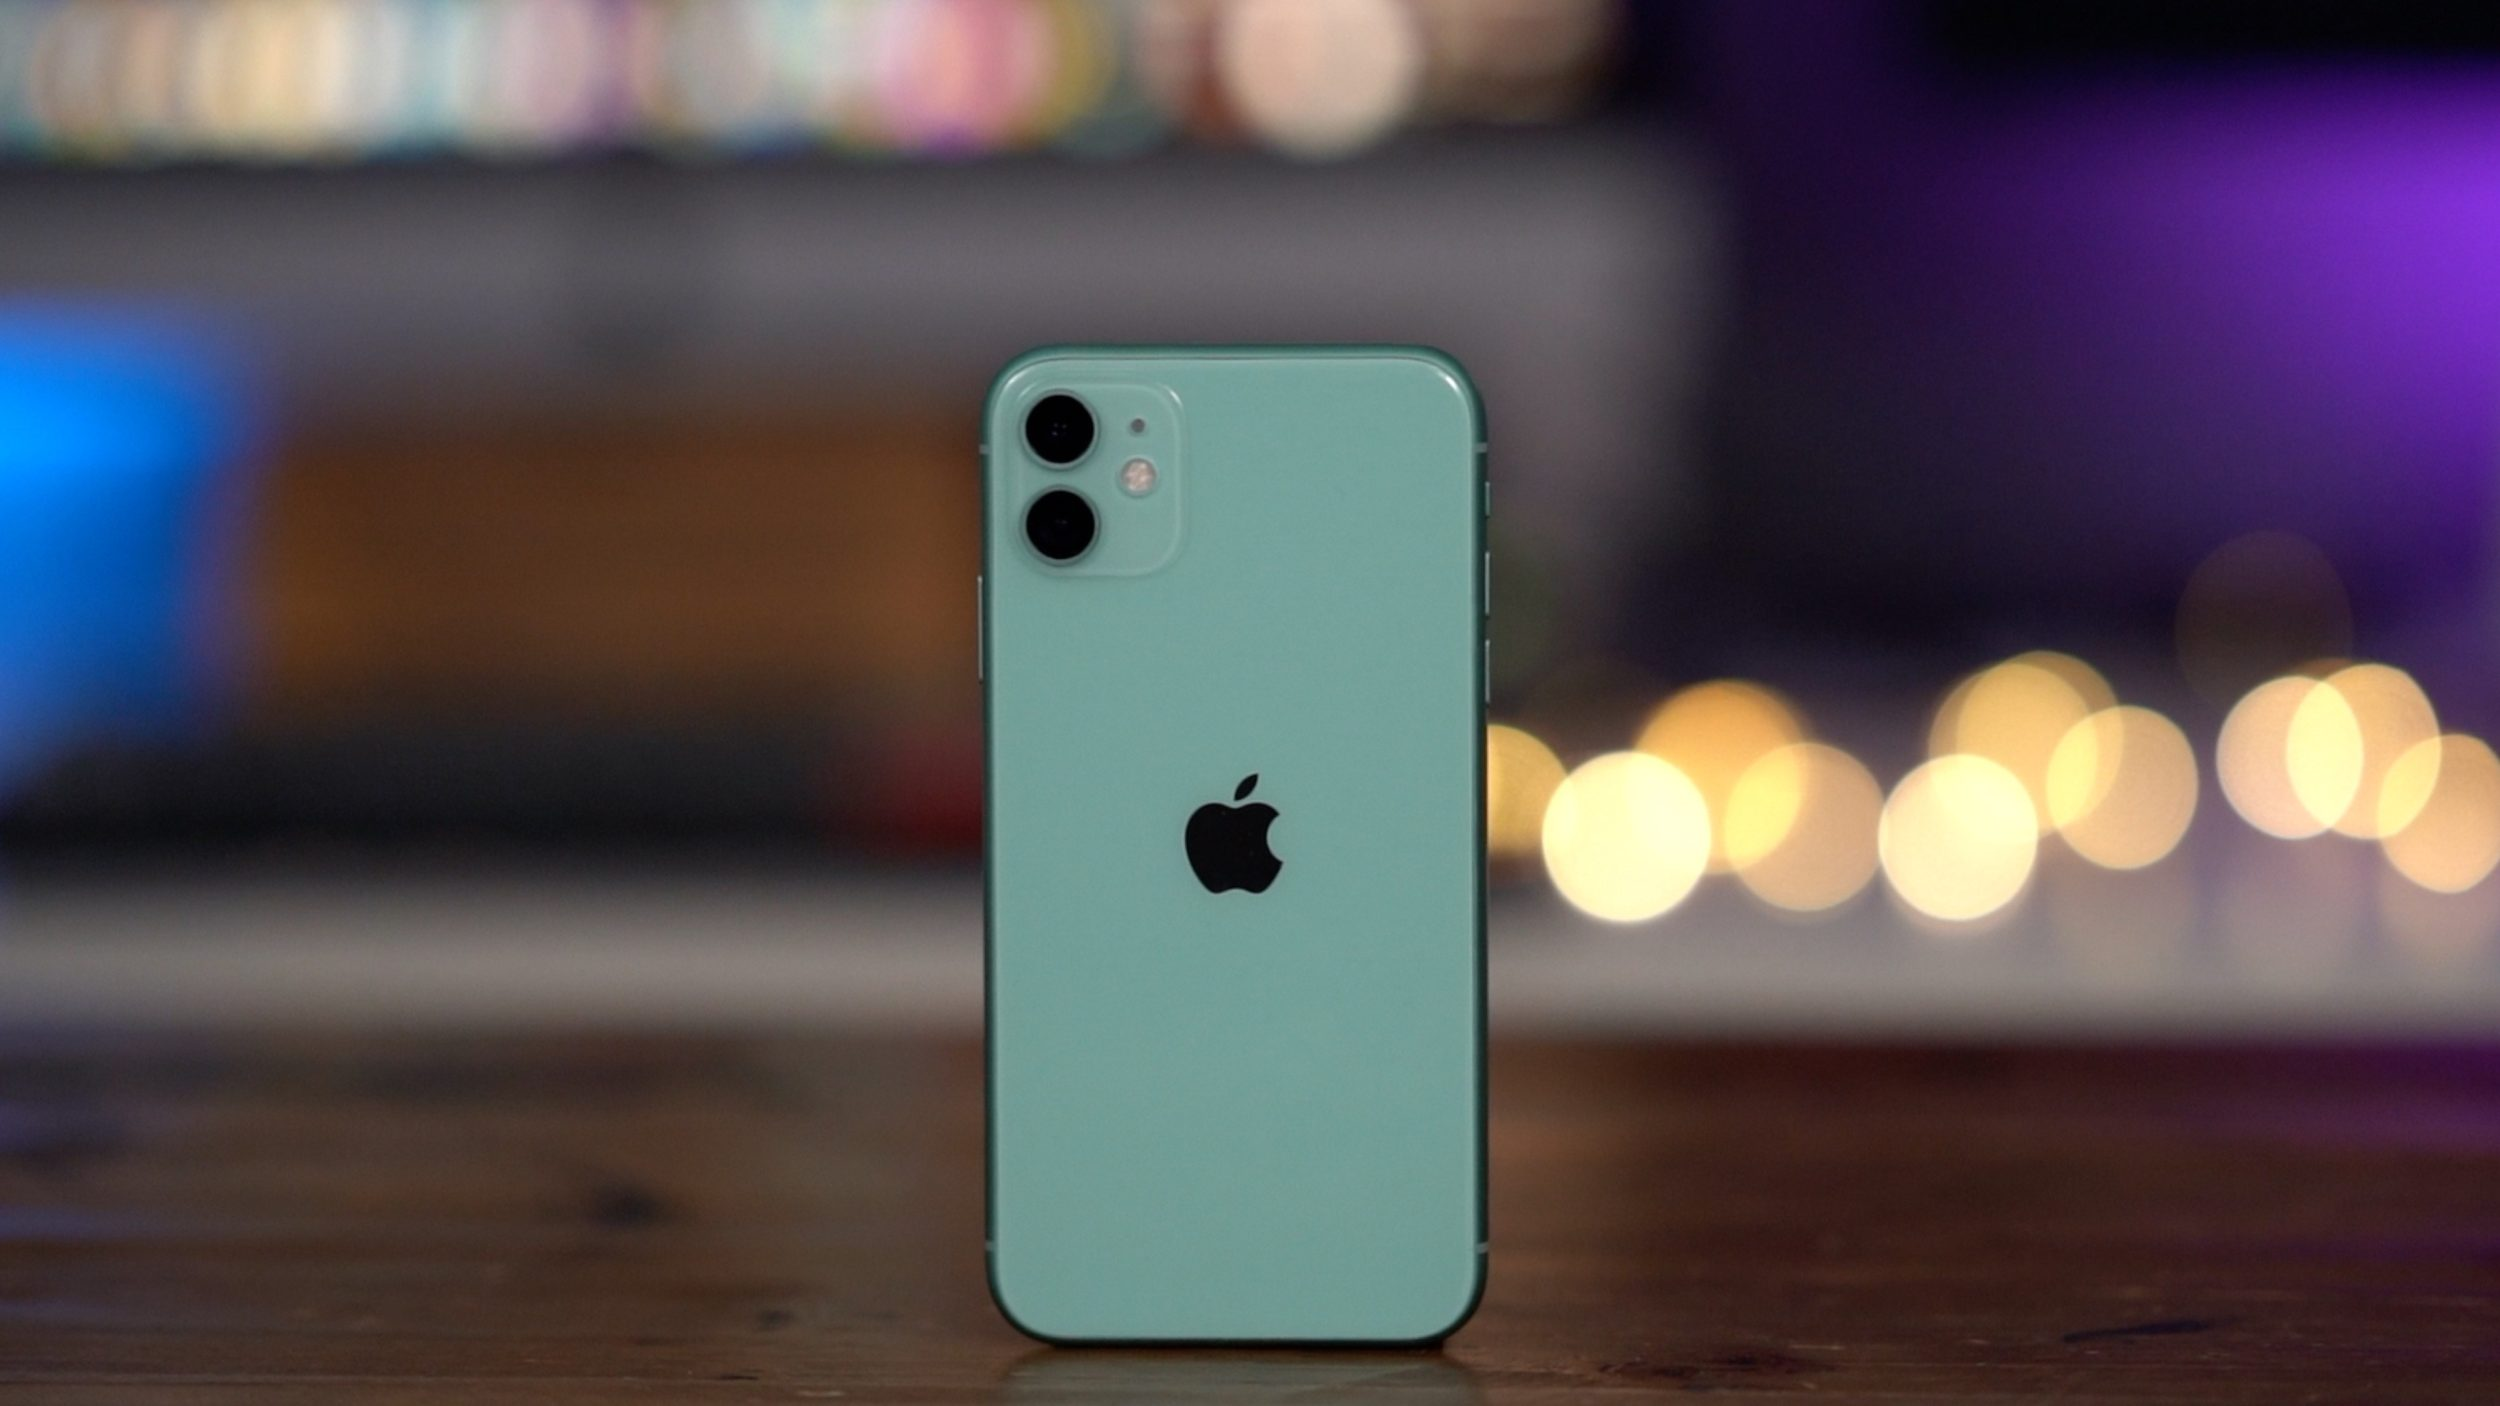 據報道,iPhone 11在印度生產失敗后,蘋果仍然依賴中國市場